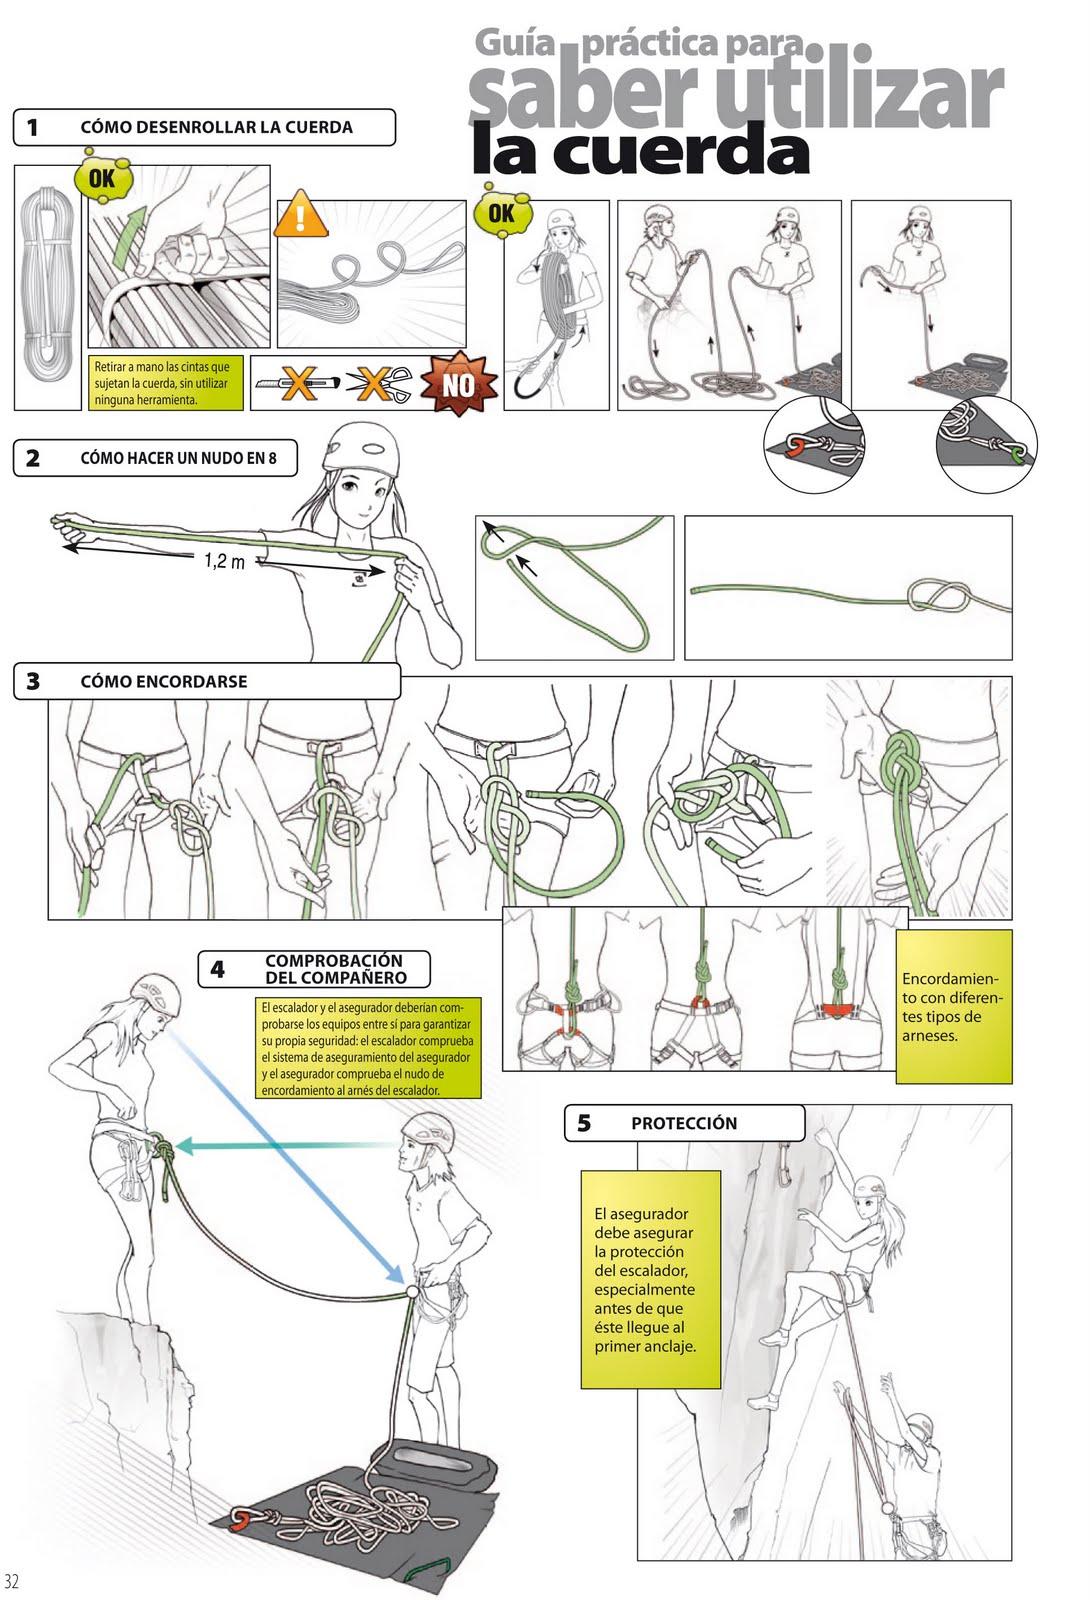 Cómo desenrollar la cuerda, cómo hacer un nudo 8, cómo encordarse, comprobación del compañero, protección